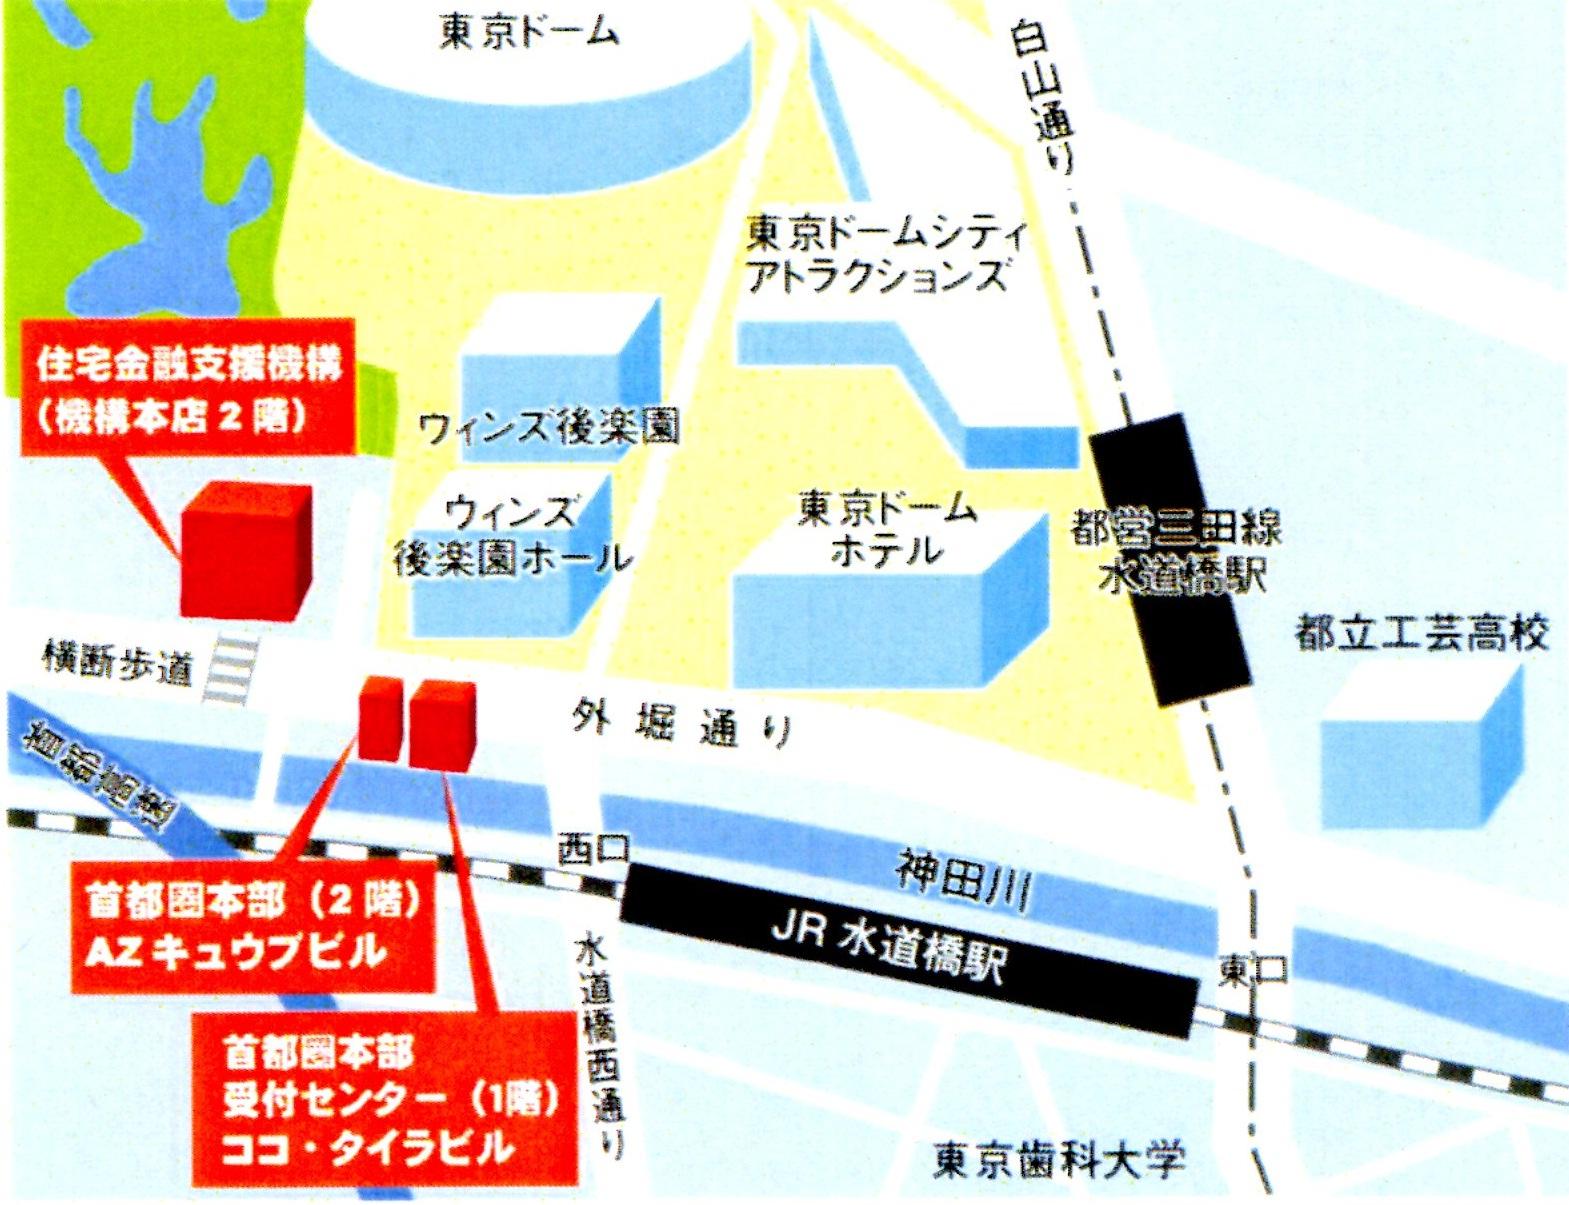 水道橋受付センター地図